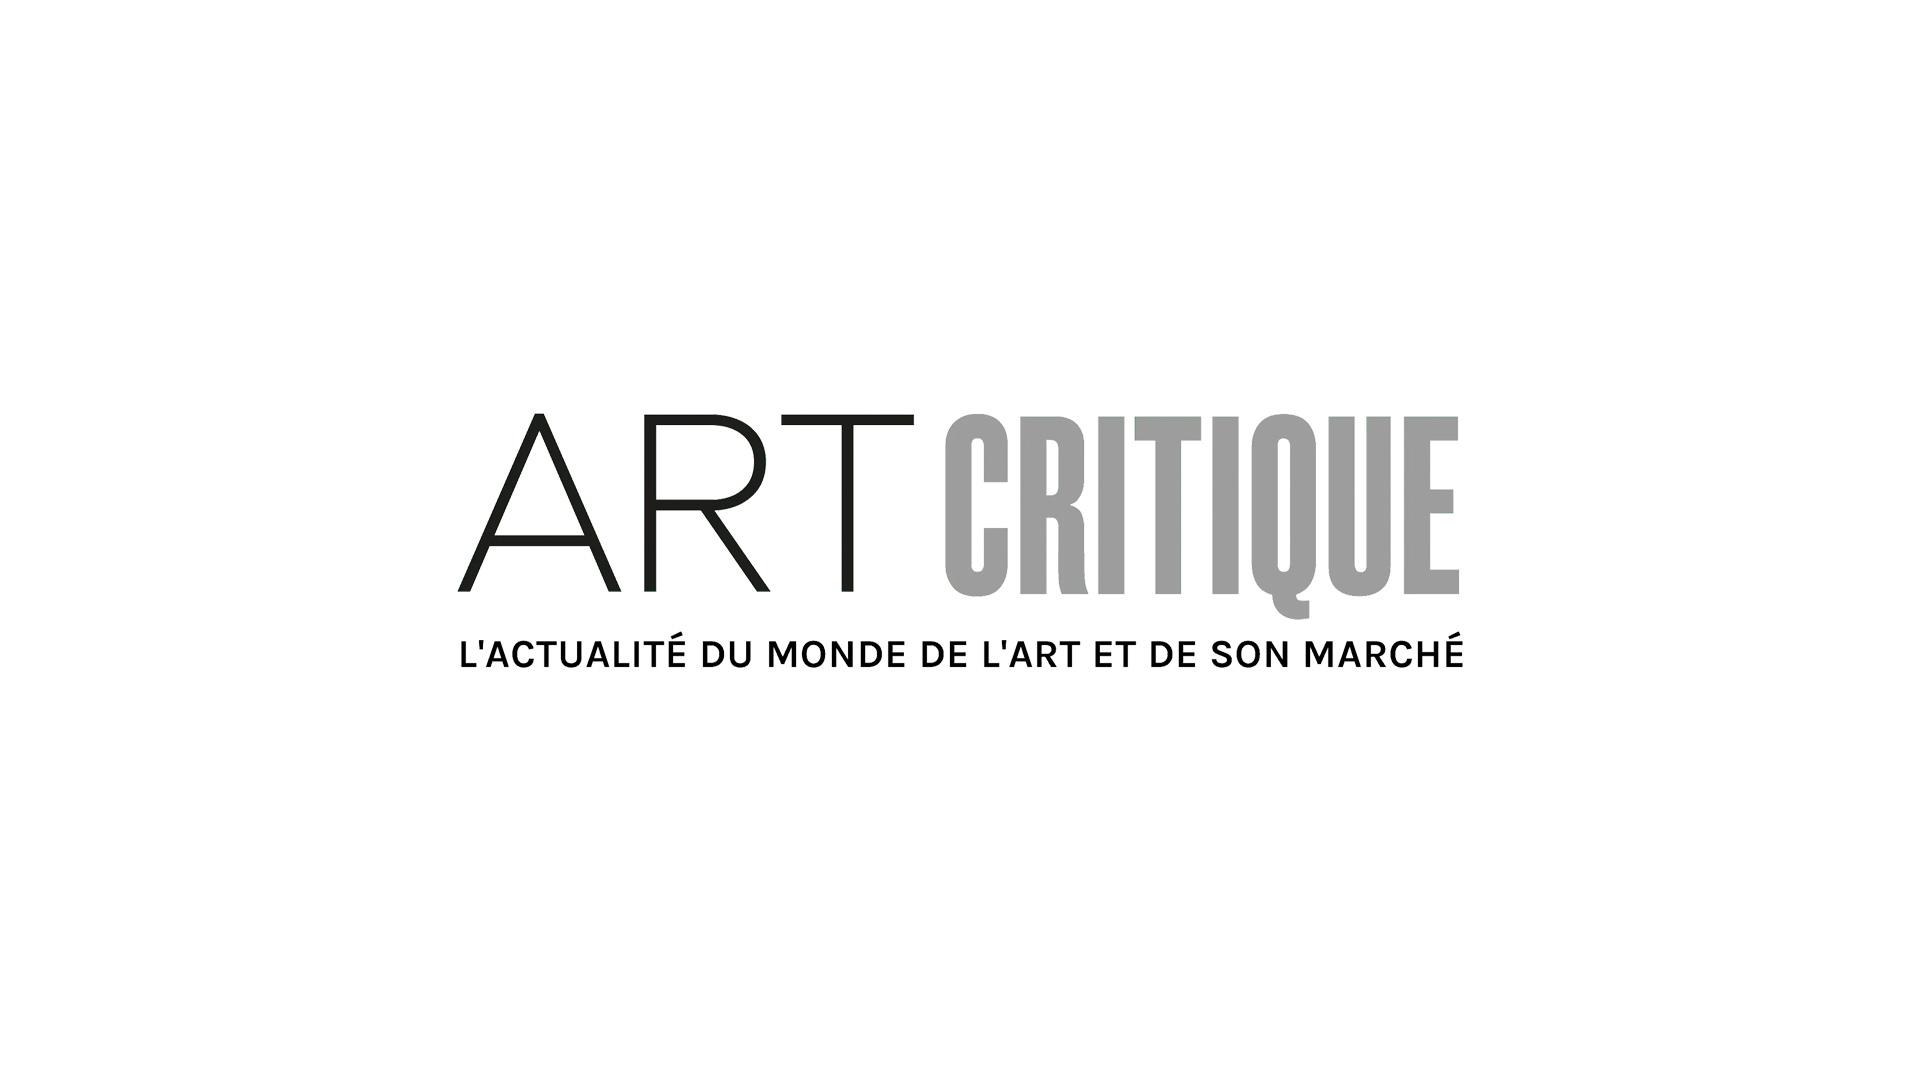 Record de fréquentation à la BNF en 2019